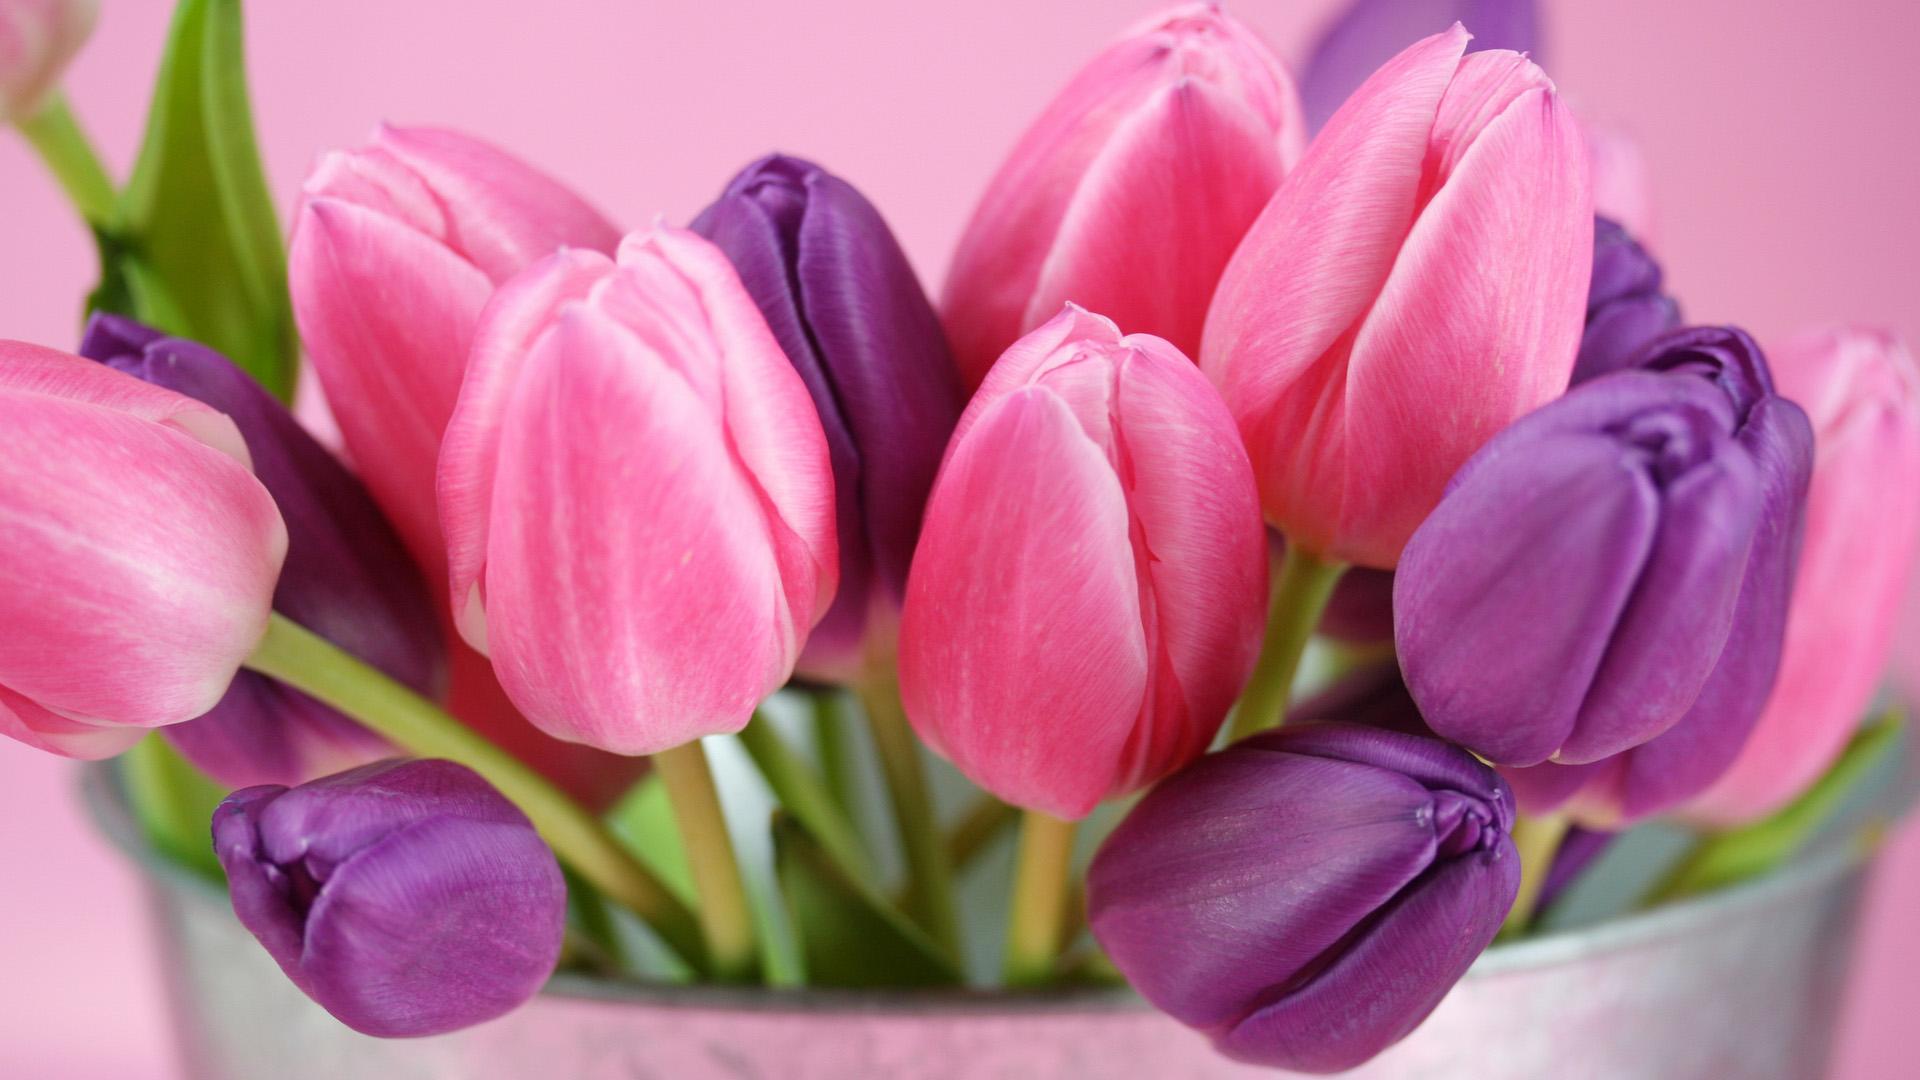 Красивые картинки на рабочий стол тюльпаны - подборка 16